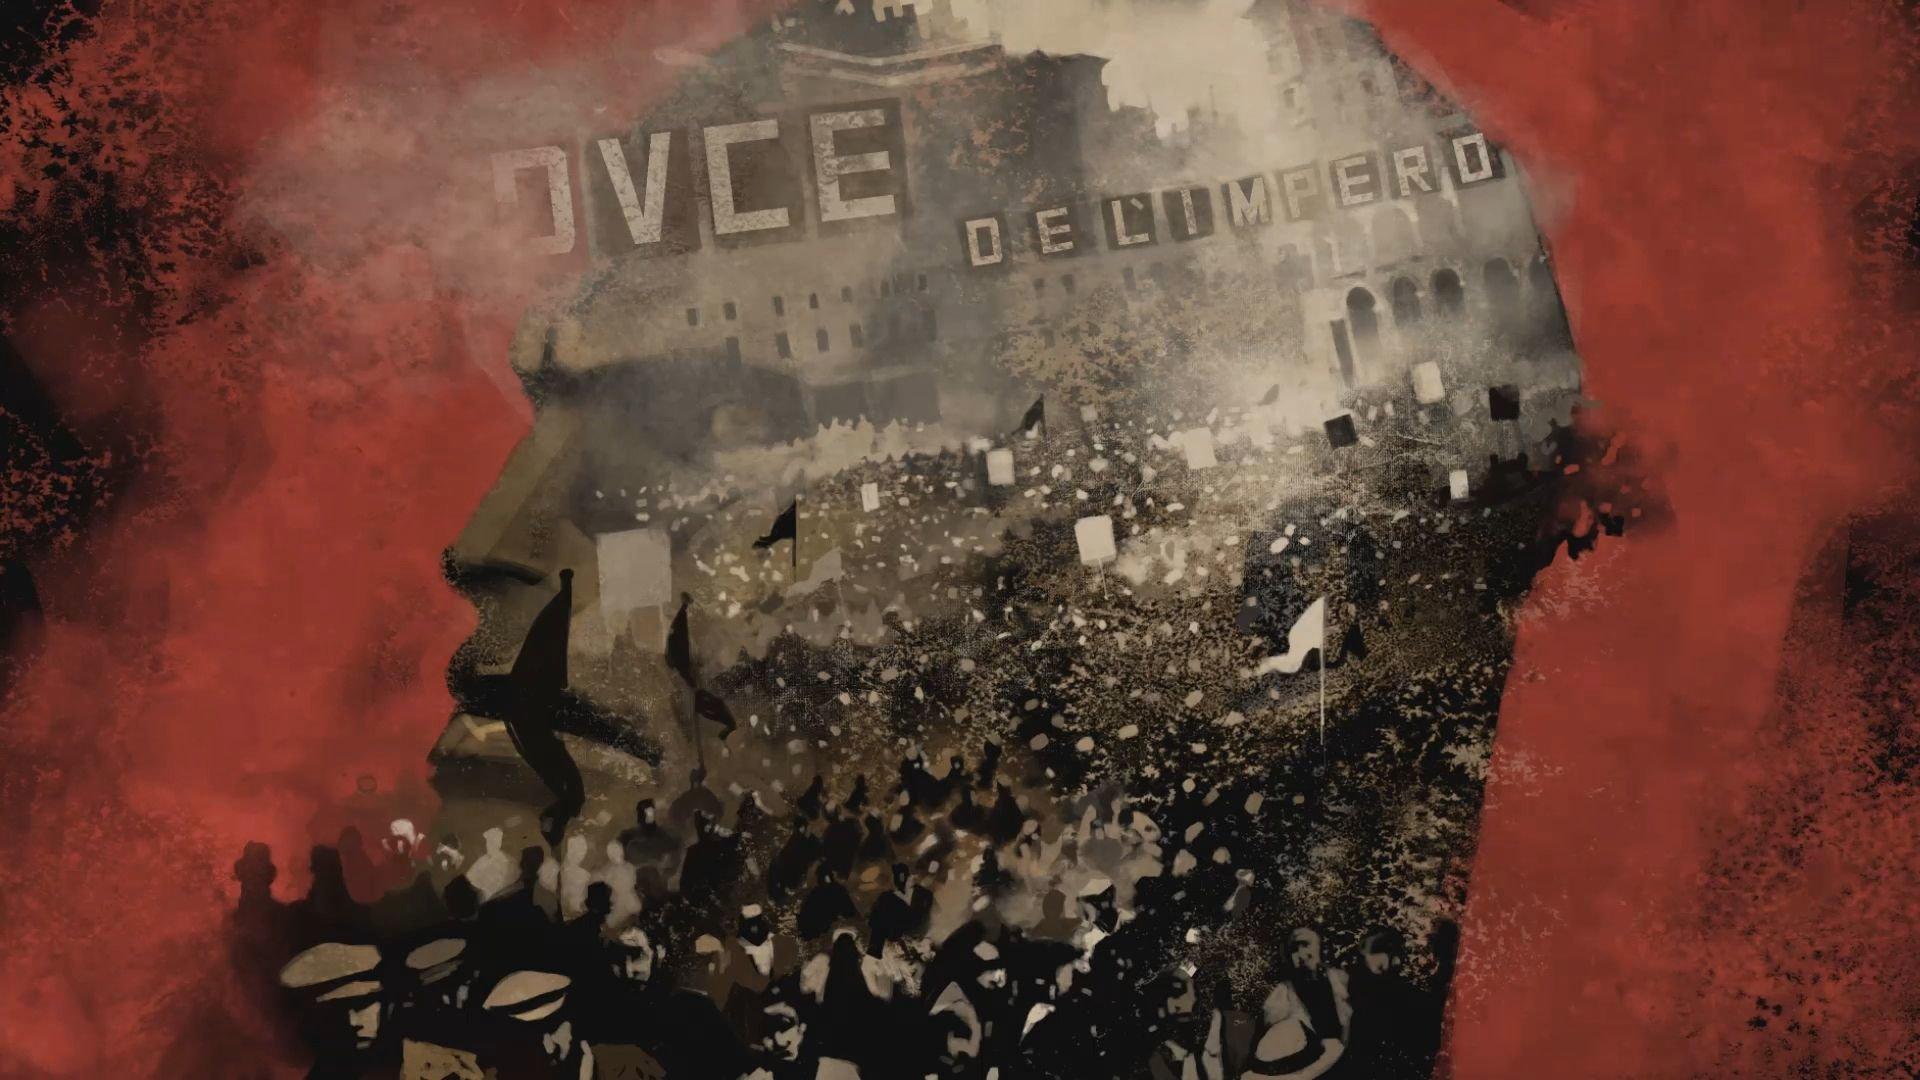 Bis 1943 kämpfte das faschistische Italien mit Nazi-Deutschland. Nach dem Kriegsaustritt wurden viele italienische Soltaten Zwangsarbeiter